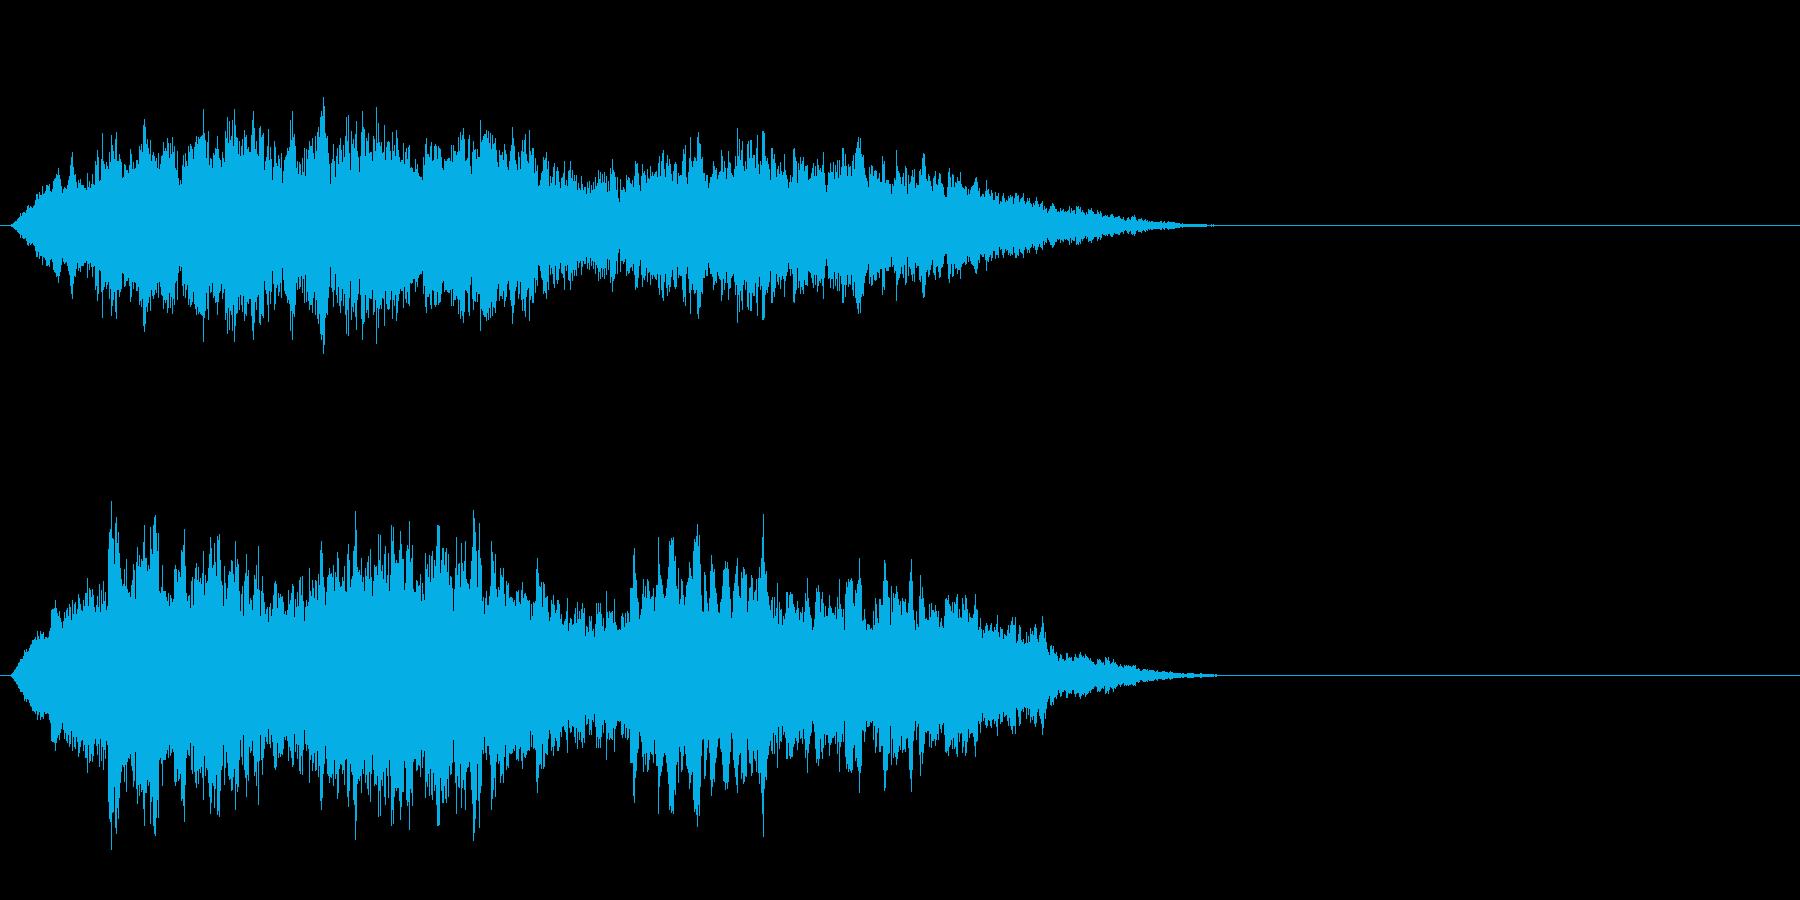 アンビエントジングルの再生済みの波形